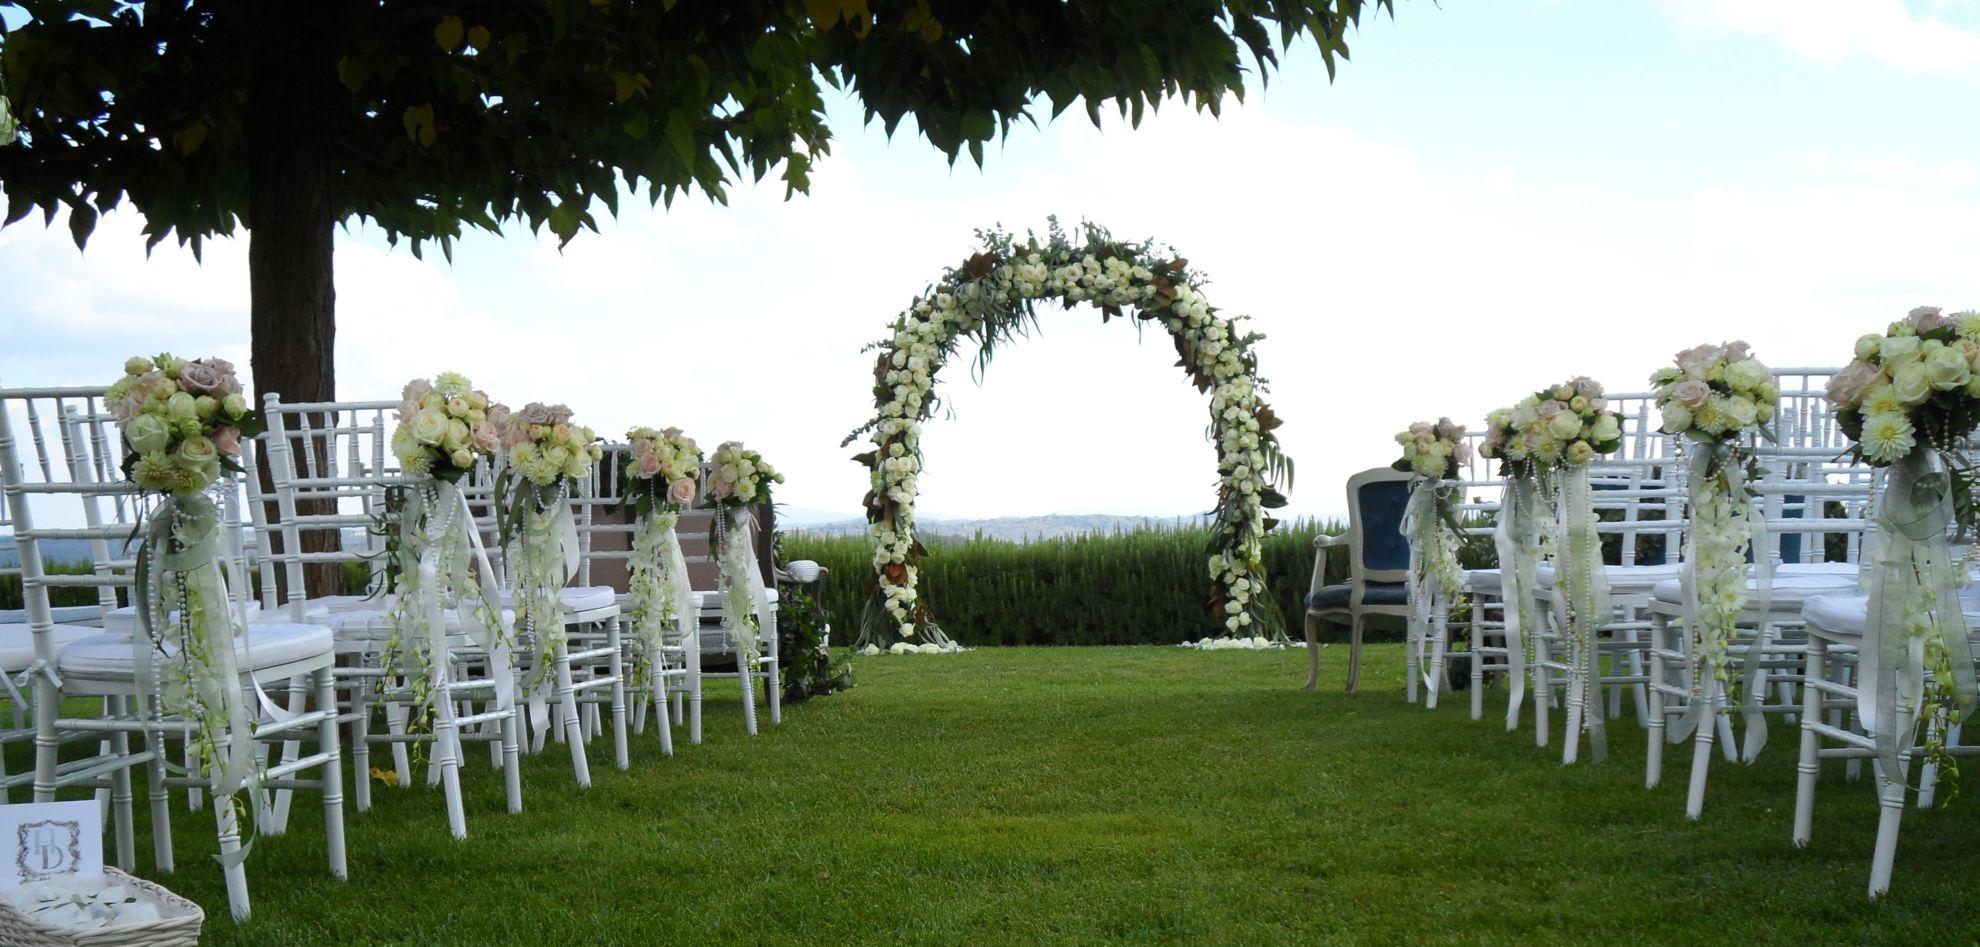 Intime Hochzeit In Der Toskana Fraulein K Sagt Ja Hochzeitsblog